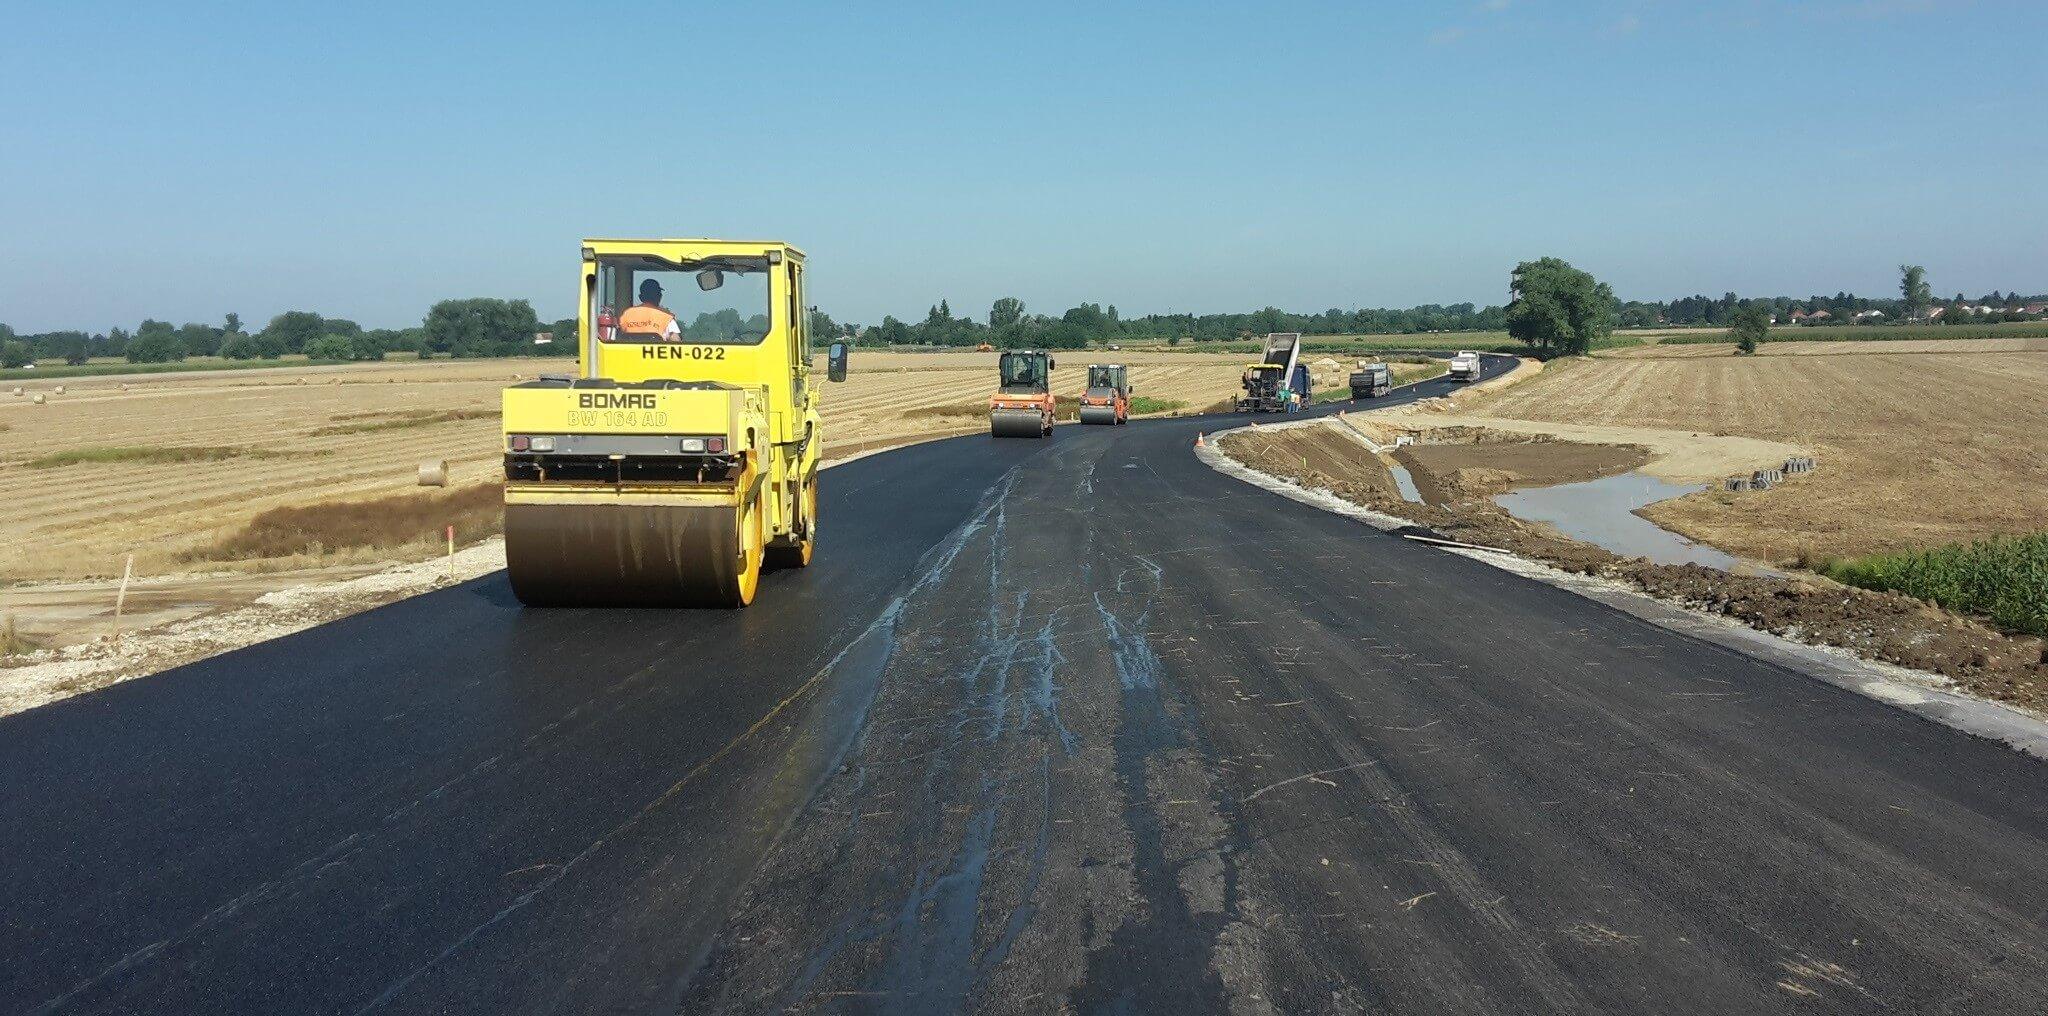 3 milliárd forintból újítják fel Szabolcs-Szatmár-Bereg útjait